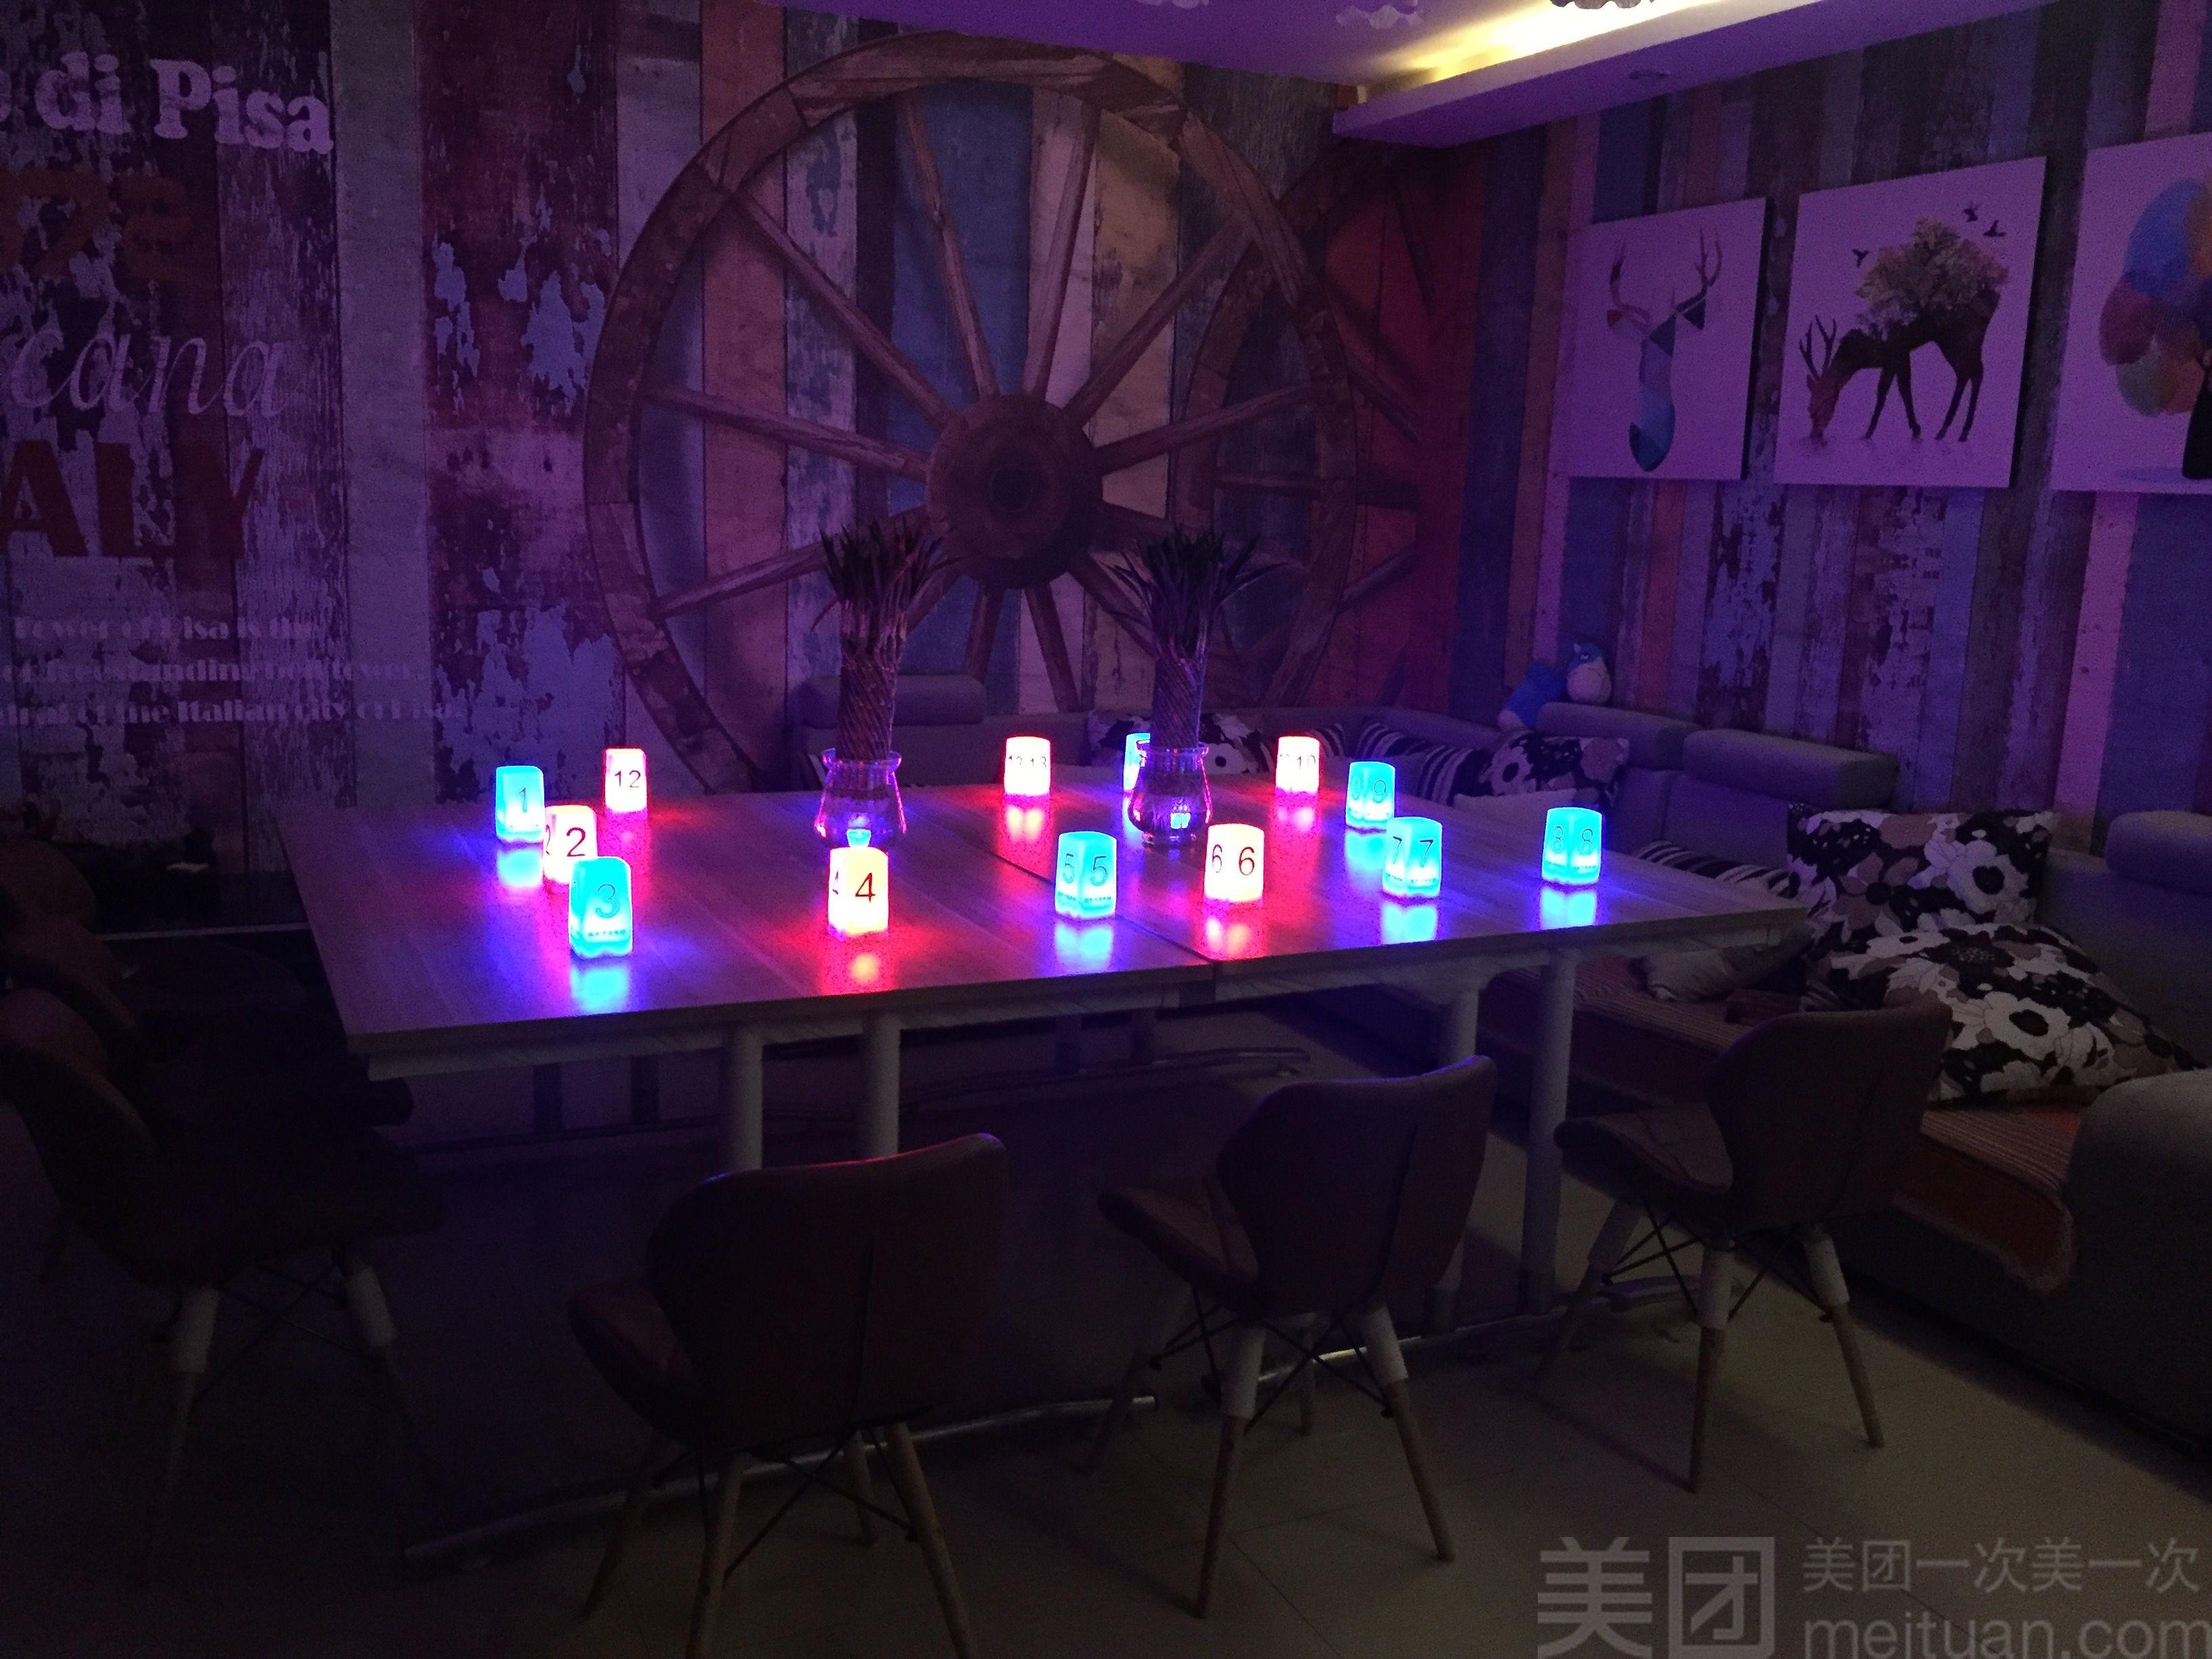 狼牙月狼人杀主题桌游吧(万达广场店)-美团